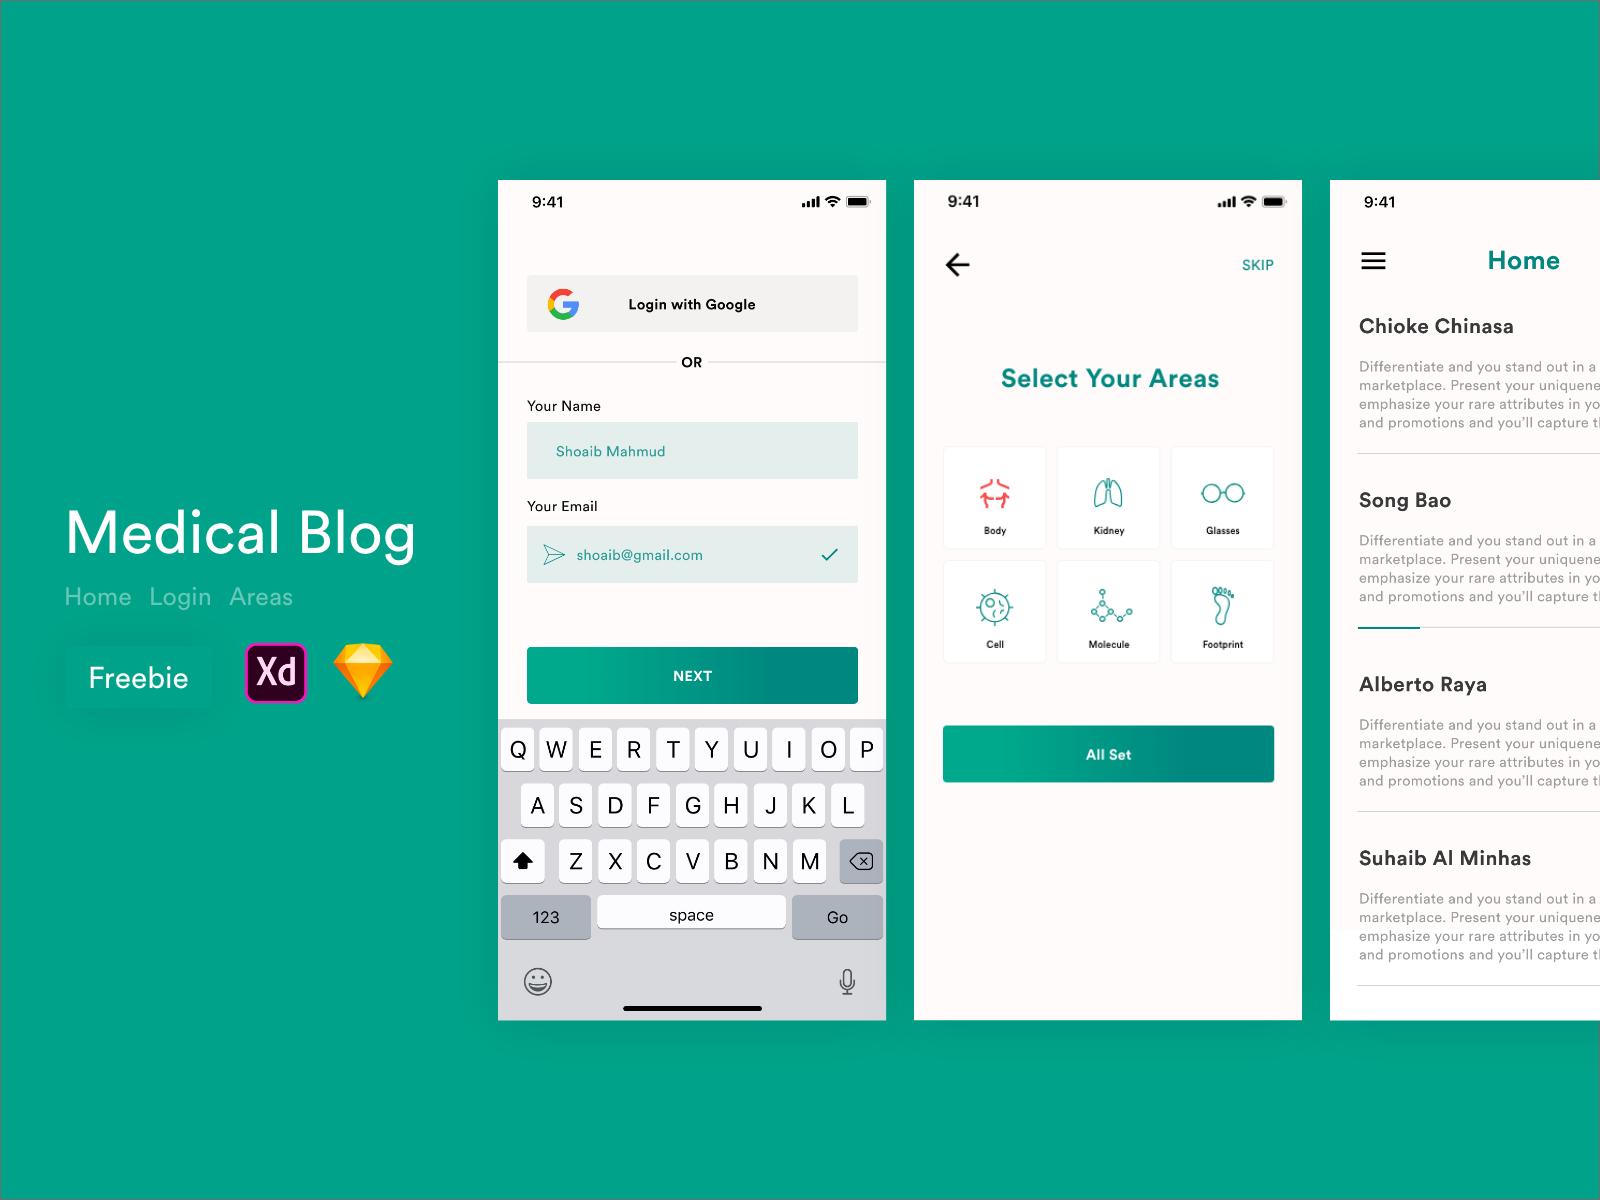 健康博客app UI界面设计 .sketch & .xd素材下载 界面-第1张